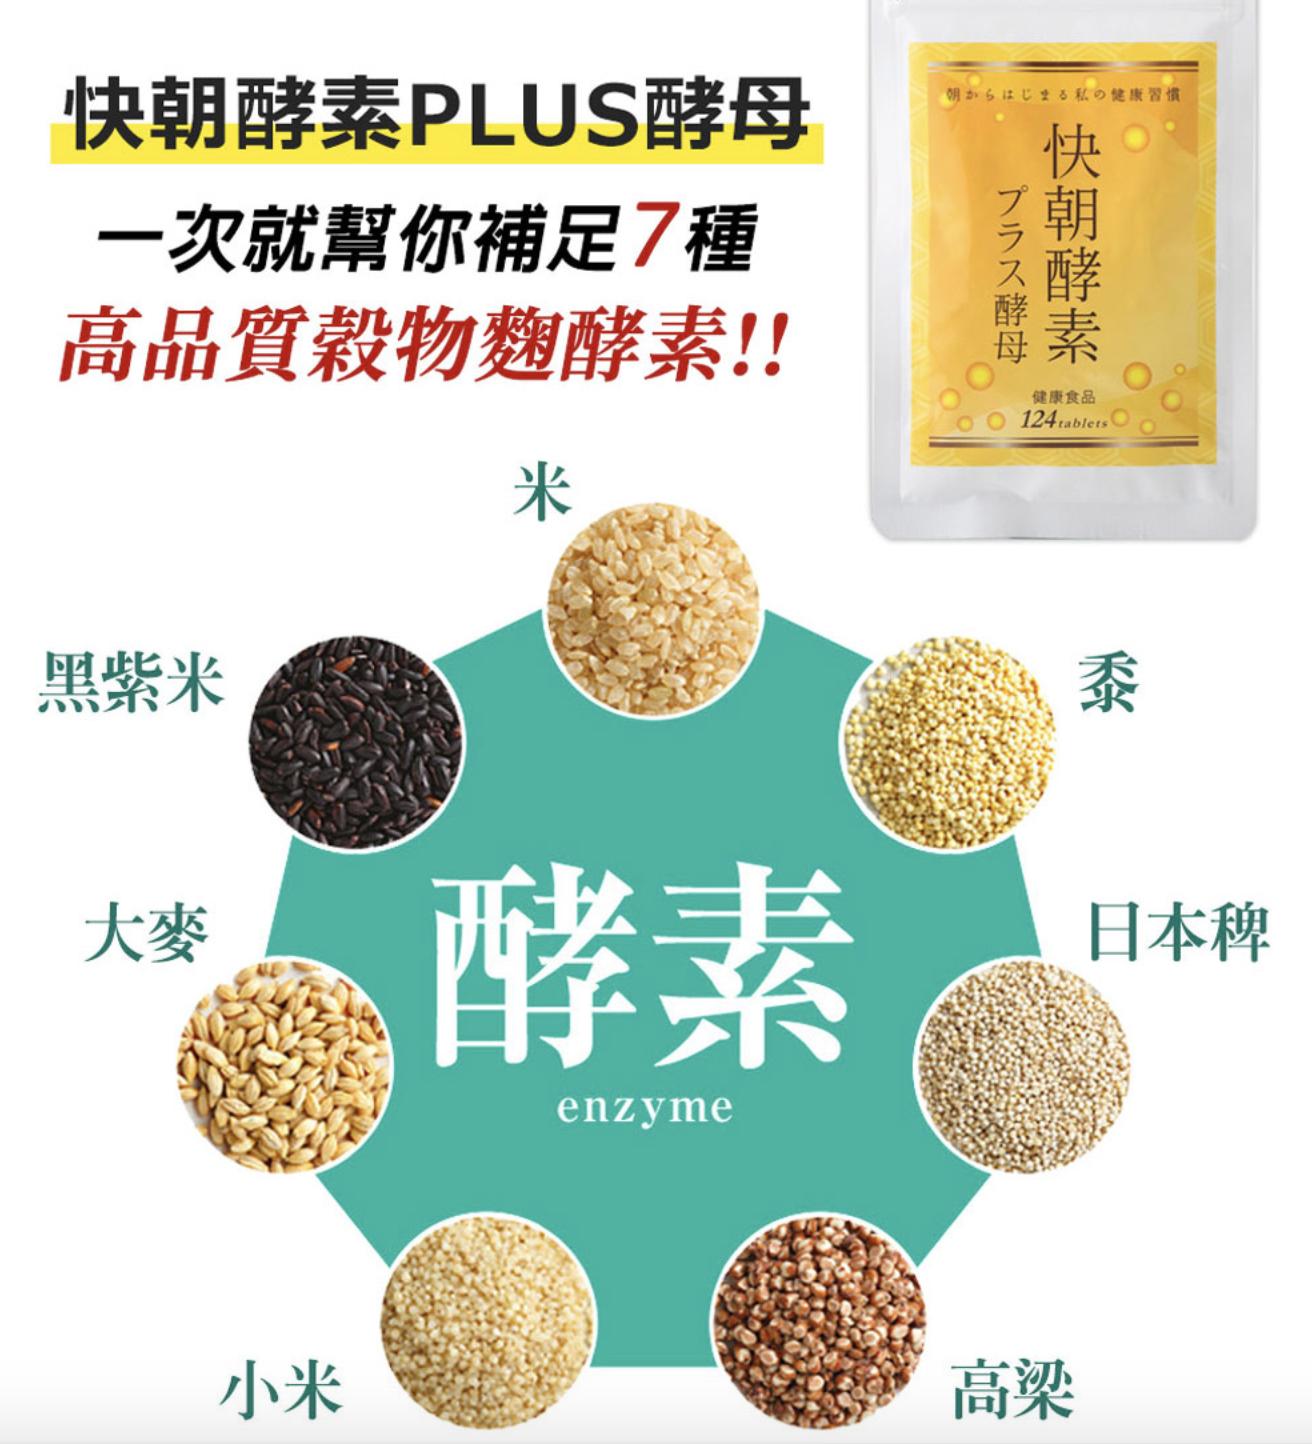 """""""快朝酵素PLUS酵母""""不僅含有食物纖維和乳酸菌,還含有酵素。"""